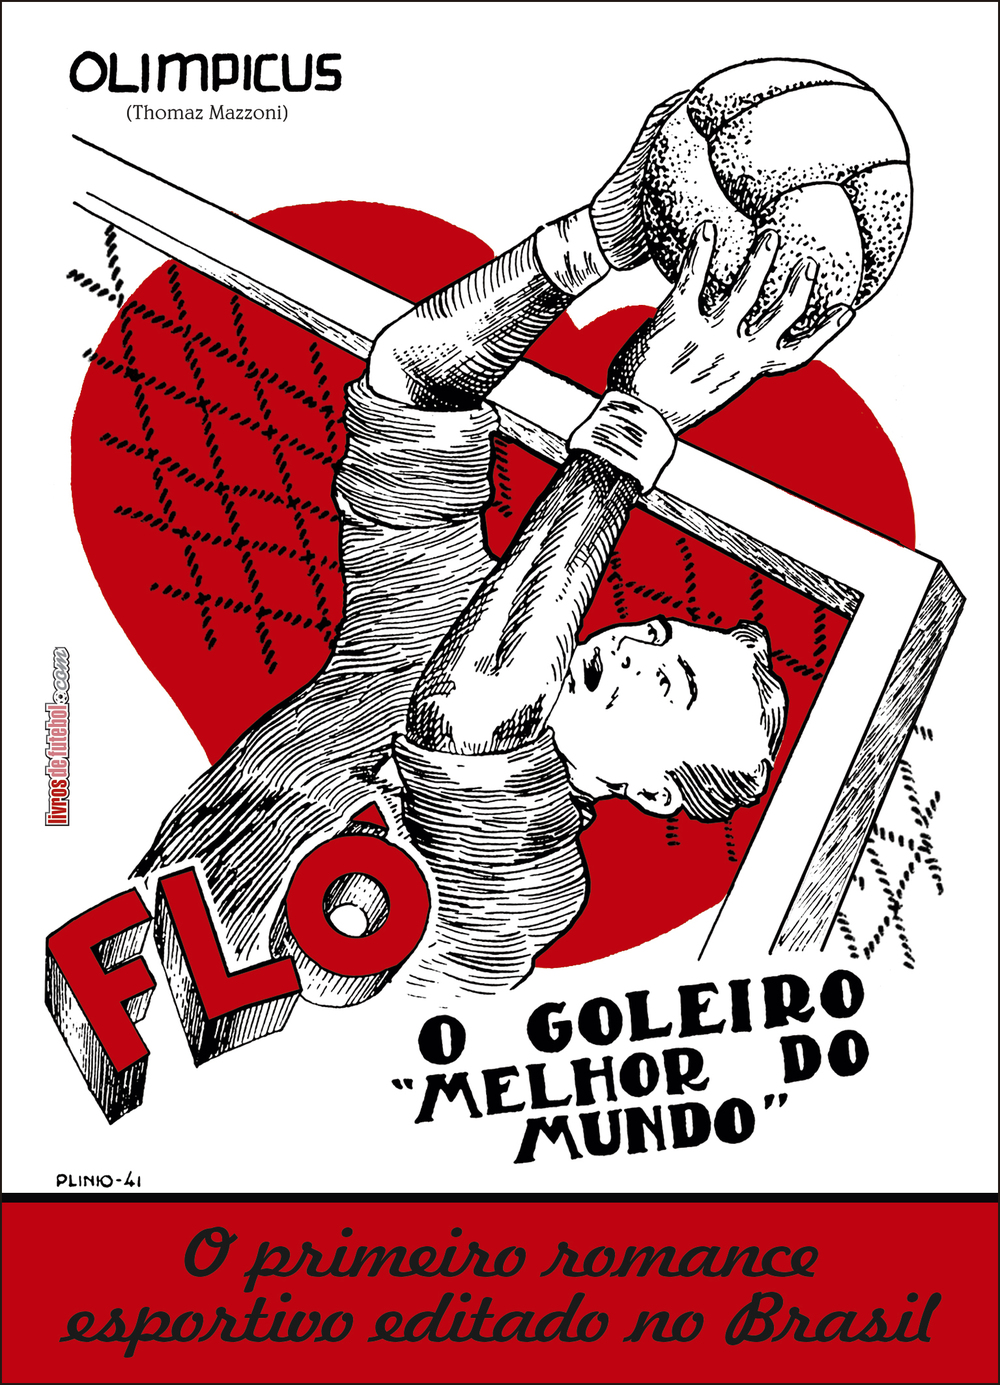 Capa do primeiro romance esportivo do Brasil